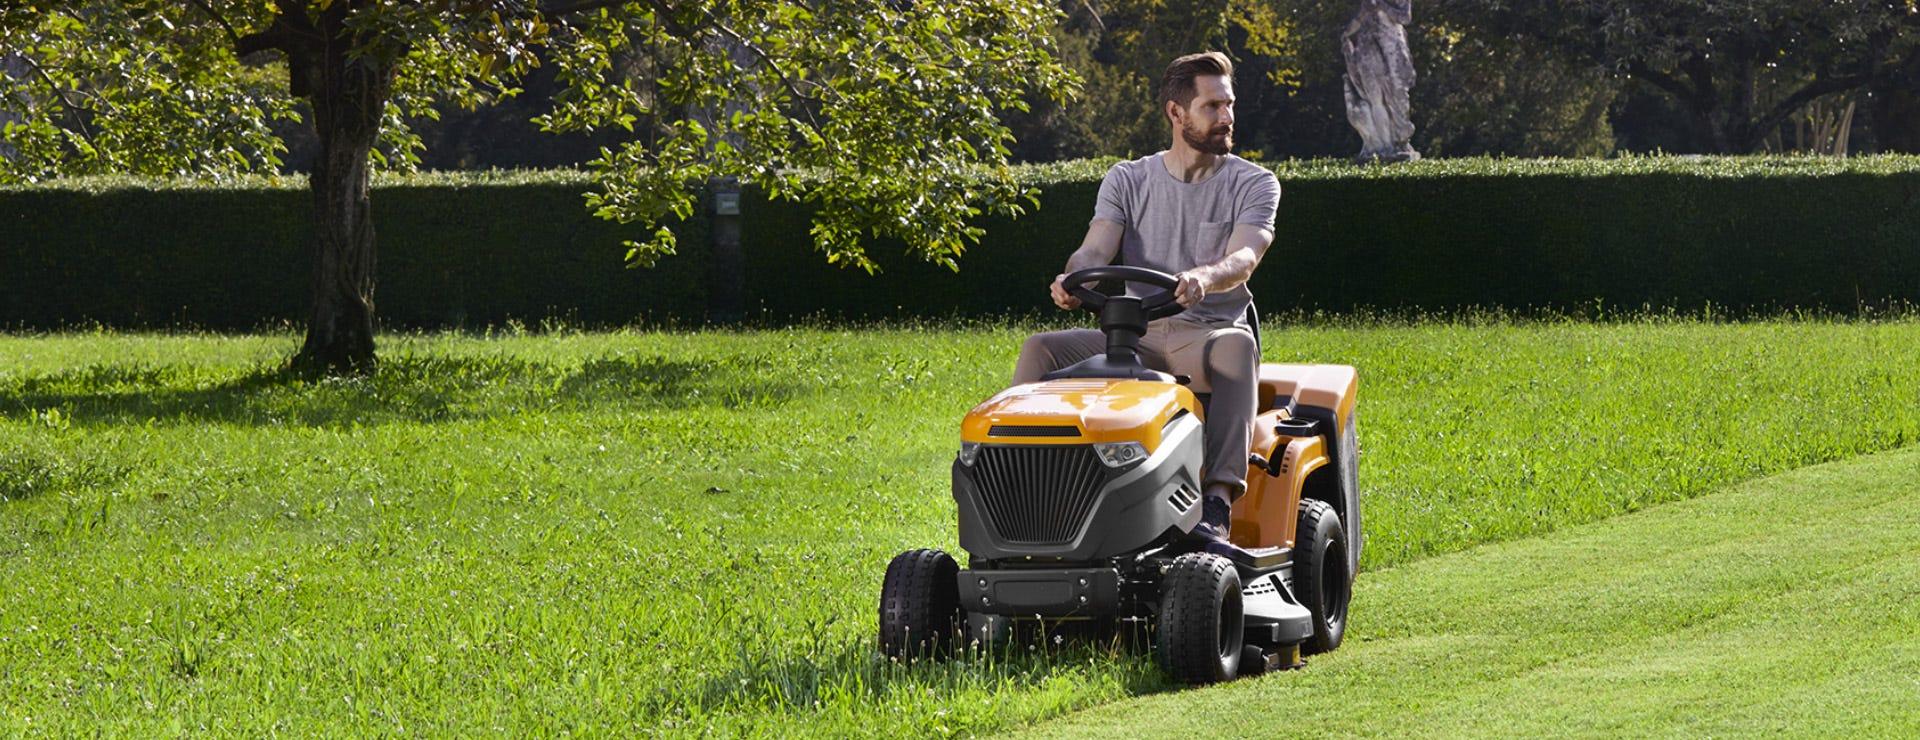 stiga estate lawn tractor 3398 hw